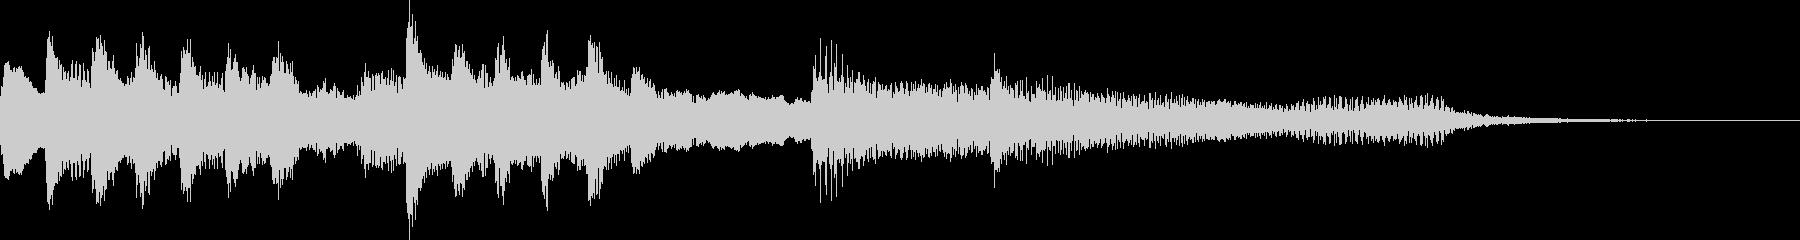 オープニング用サウンドロゴ106の未再生の波形